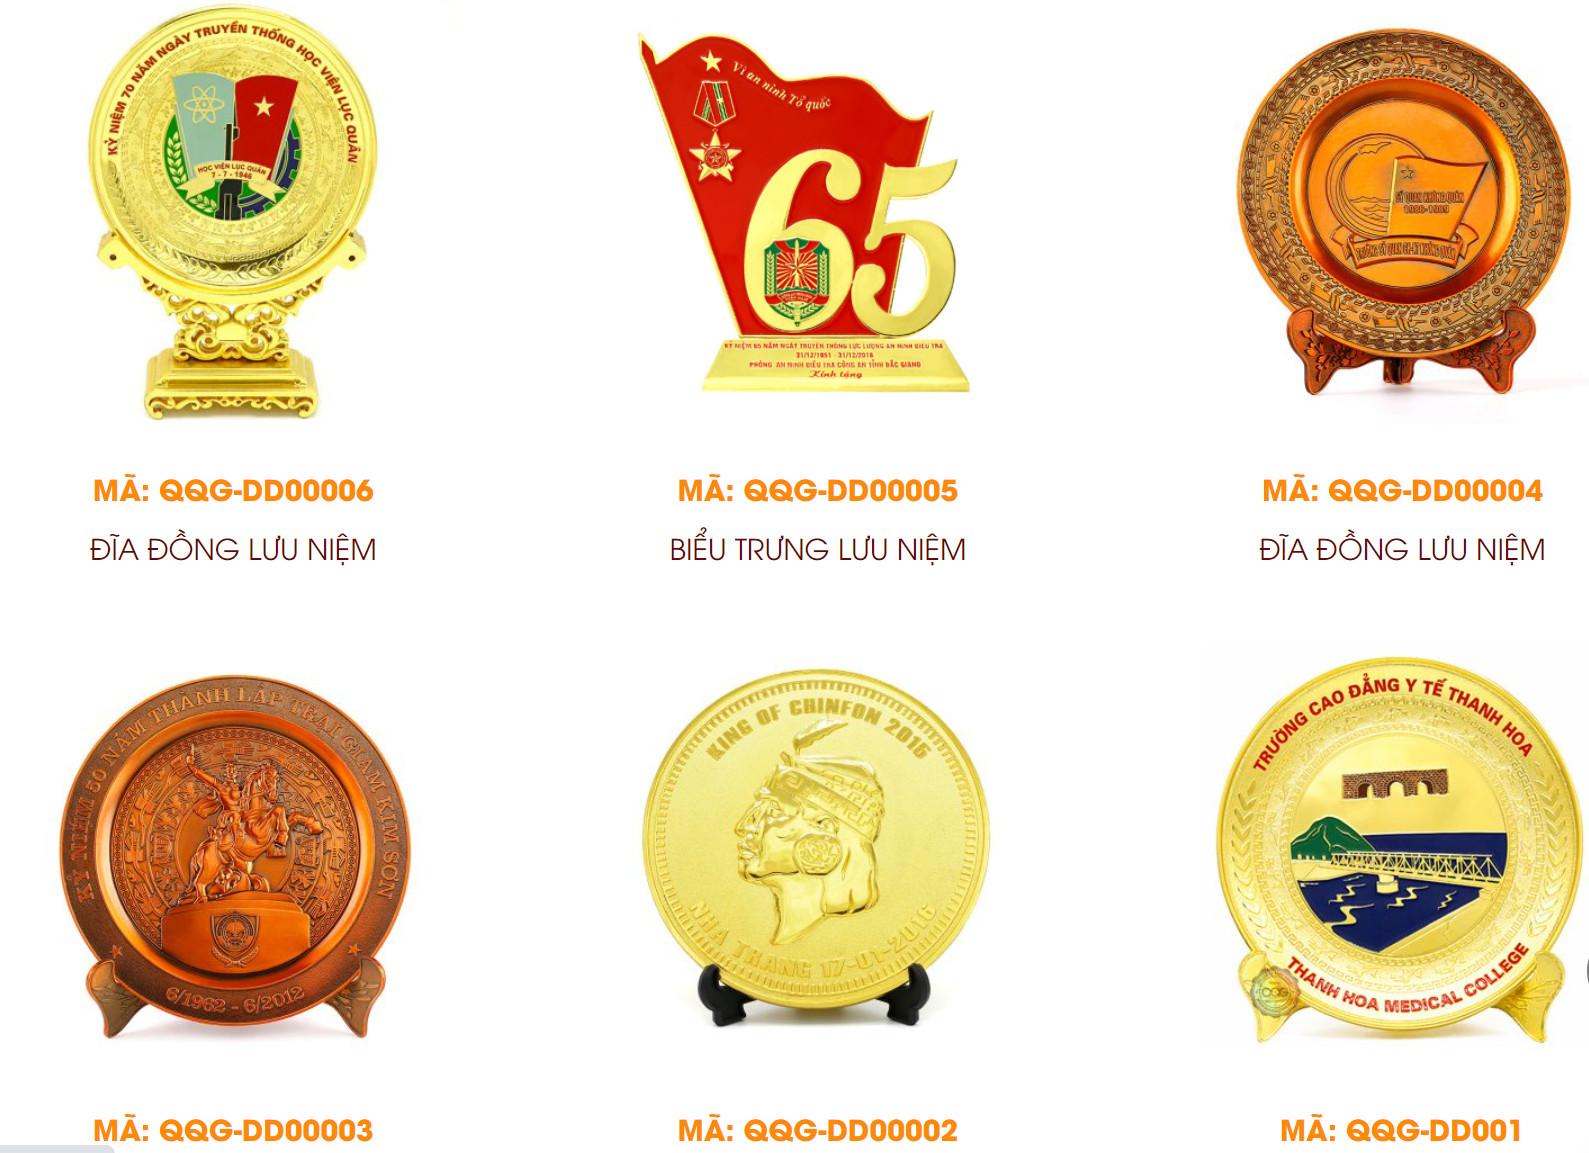 Sản xuất đĩa đồng đúc mạ vàng, đĩa đồng lưu niệm